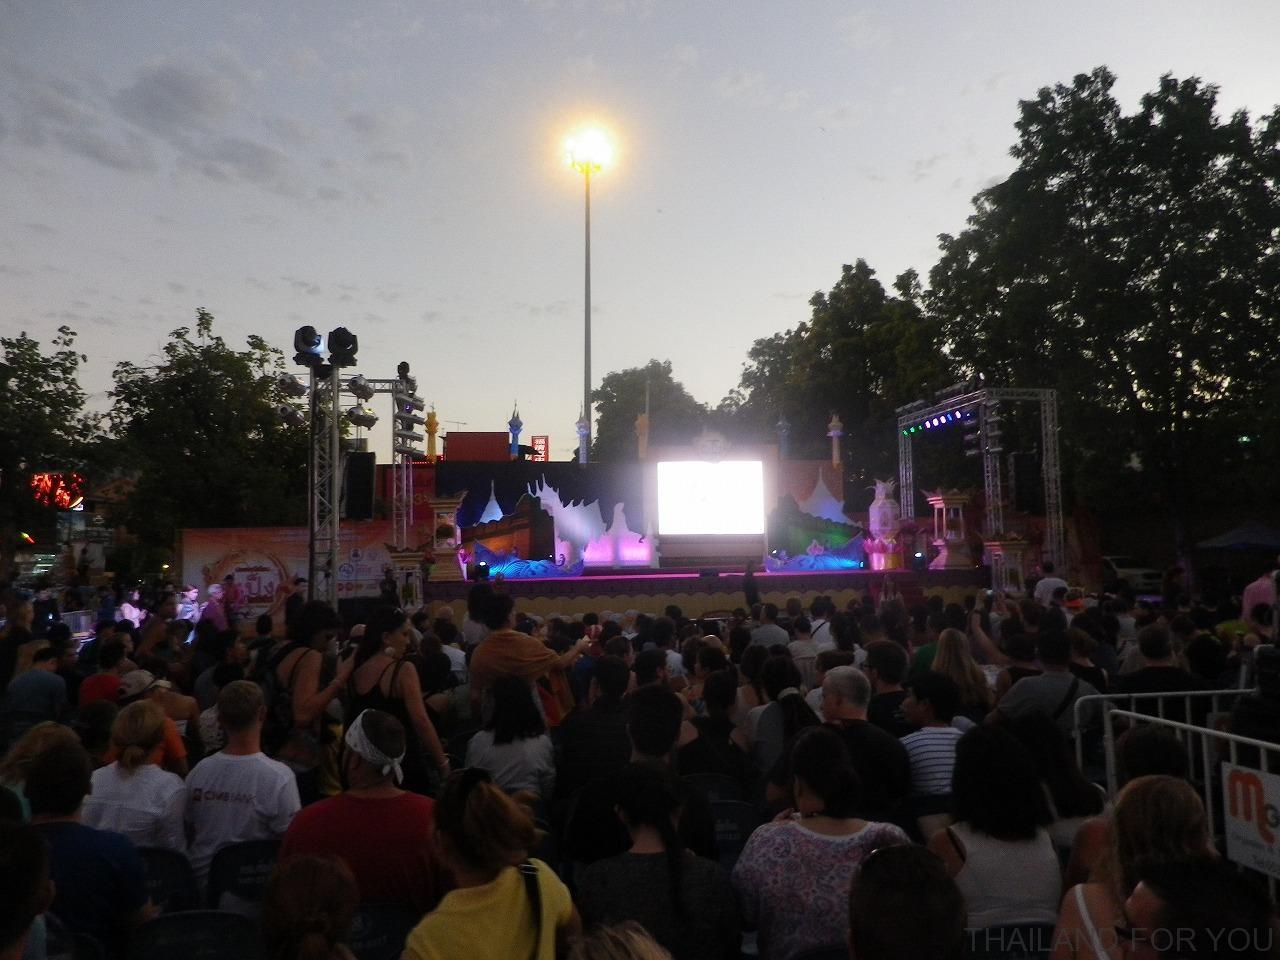 チェンマイ ロイクラトン イーペン祭り 写真